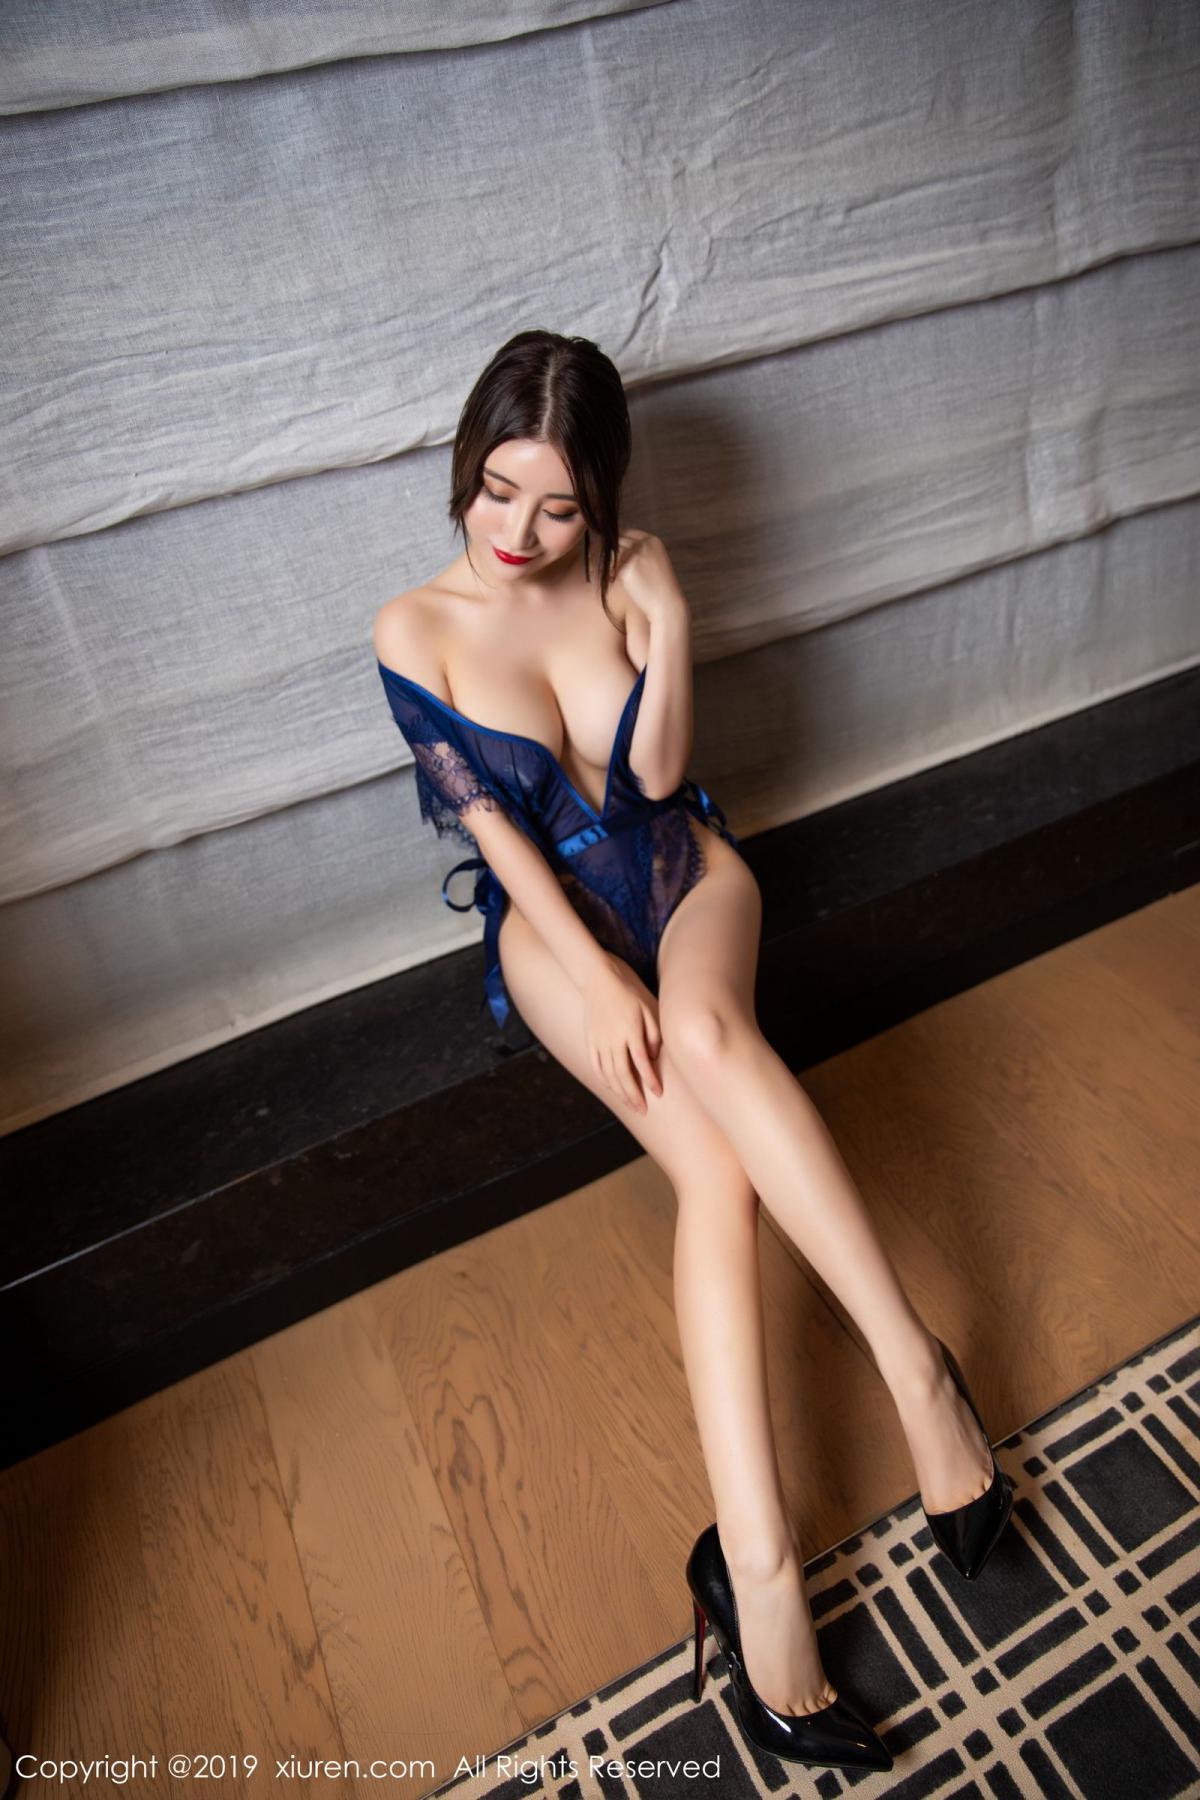 [XiuRen] Vol.1589 Xie Zhi Xin 44P, Sexy, Underwear, Xie Zhi Xin, Xiuren